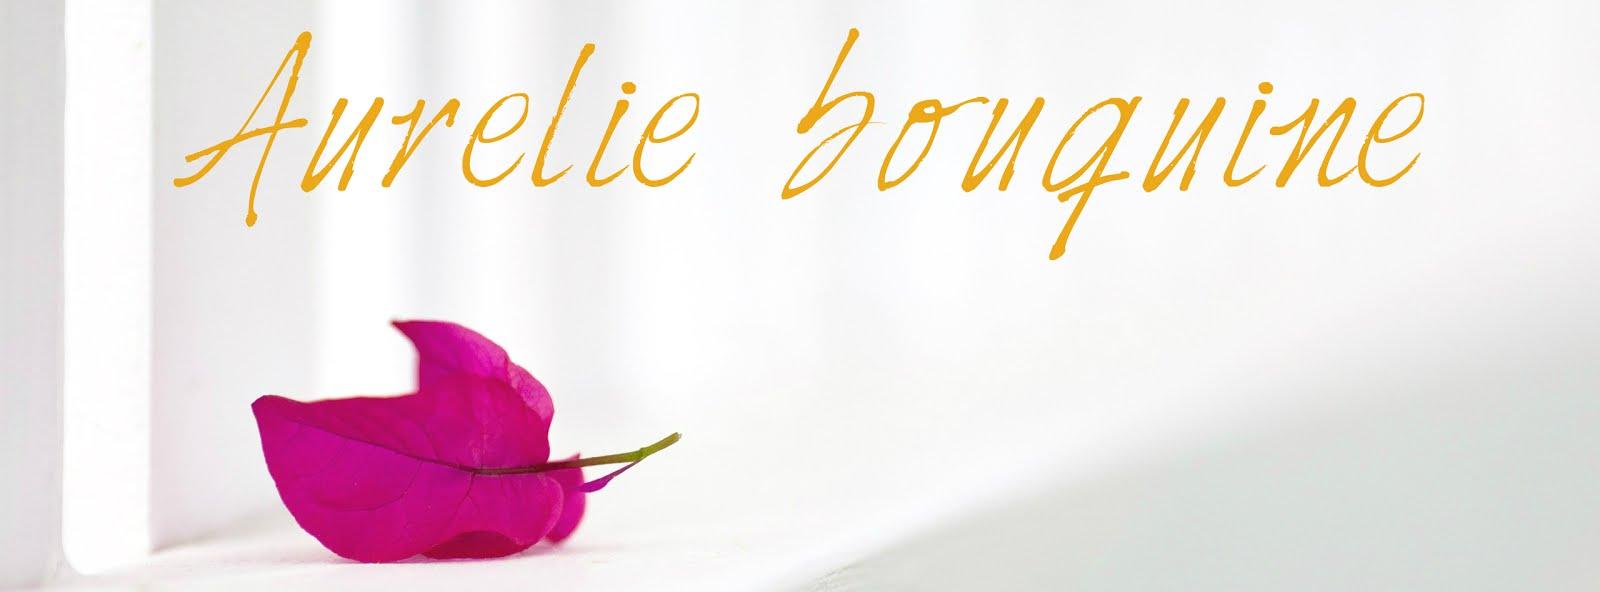 Aurelie bouquine